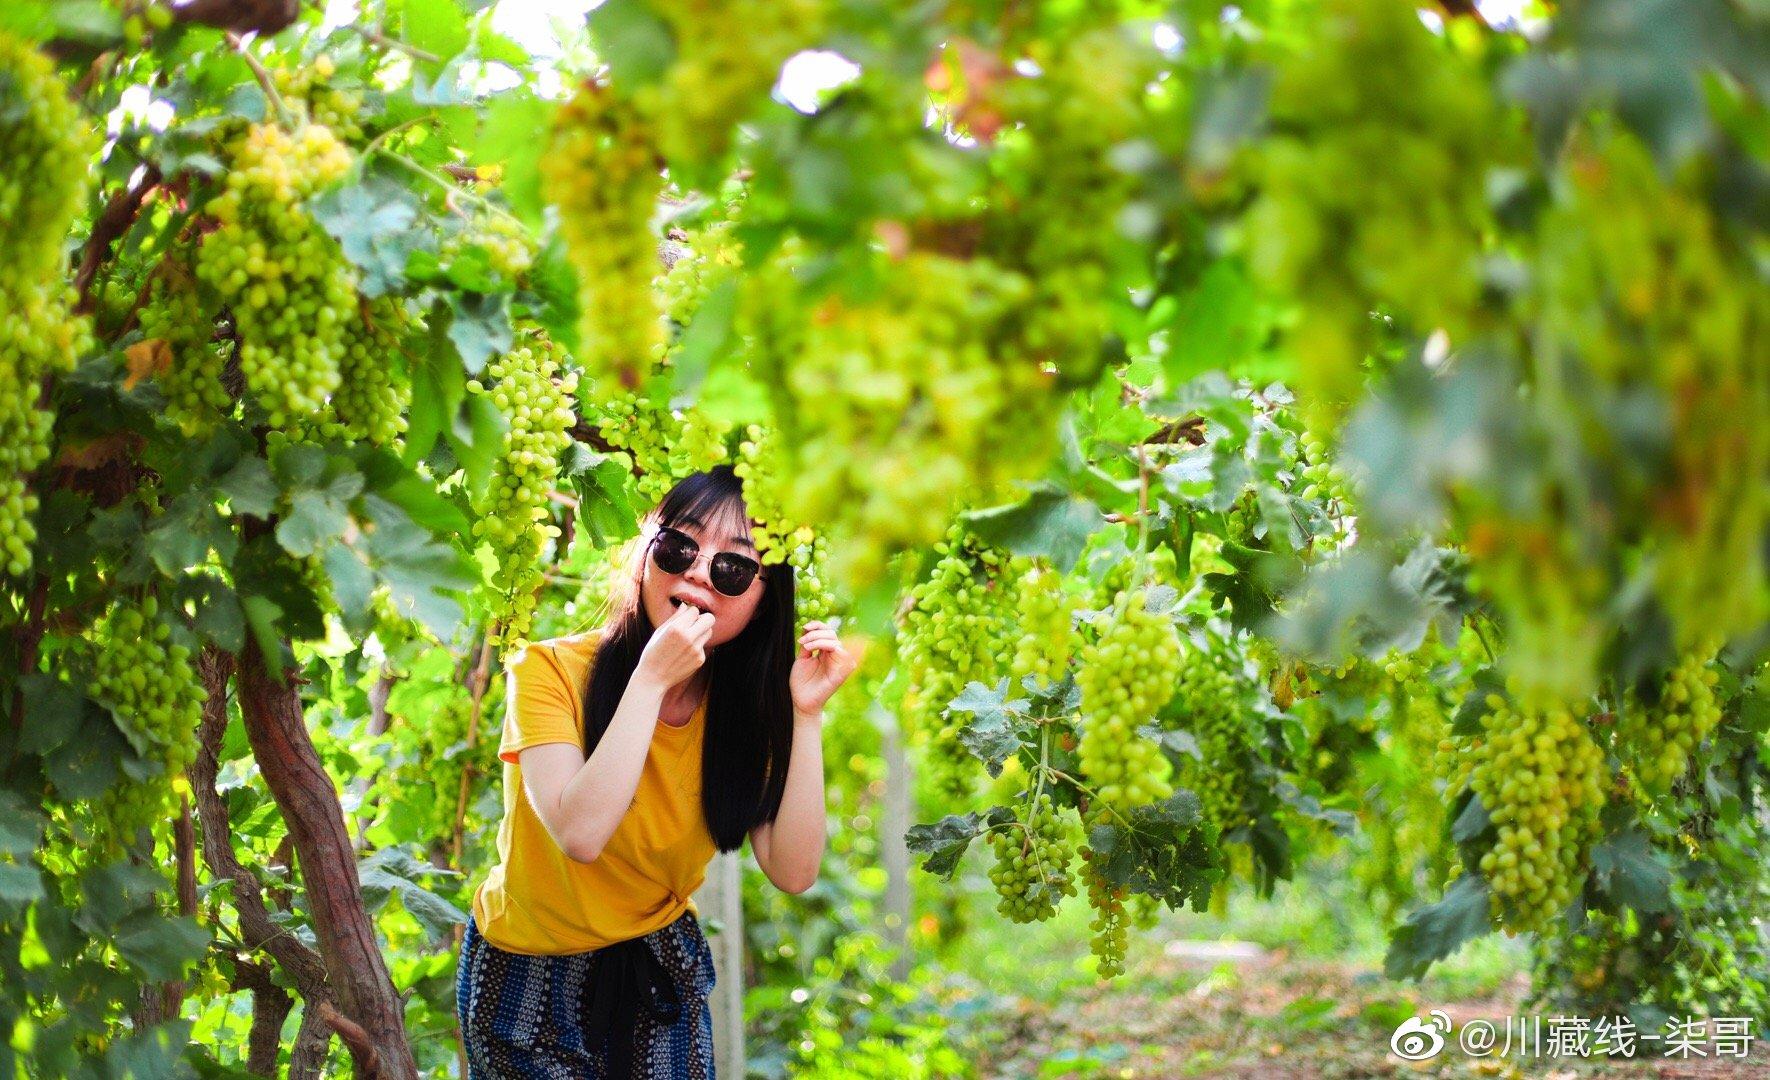 吐鲁番的普通熟了 好多好多的葡萄特别的甜